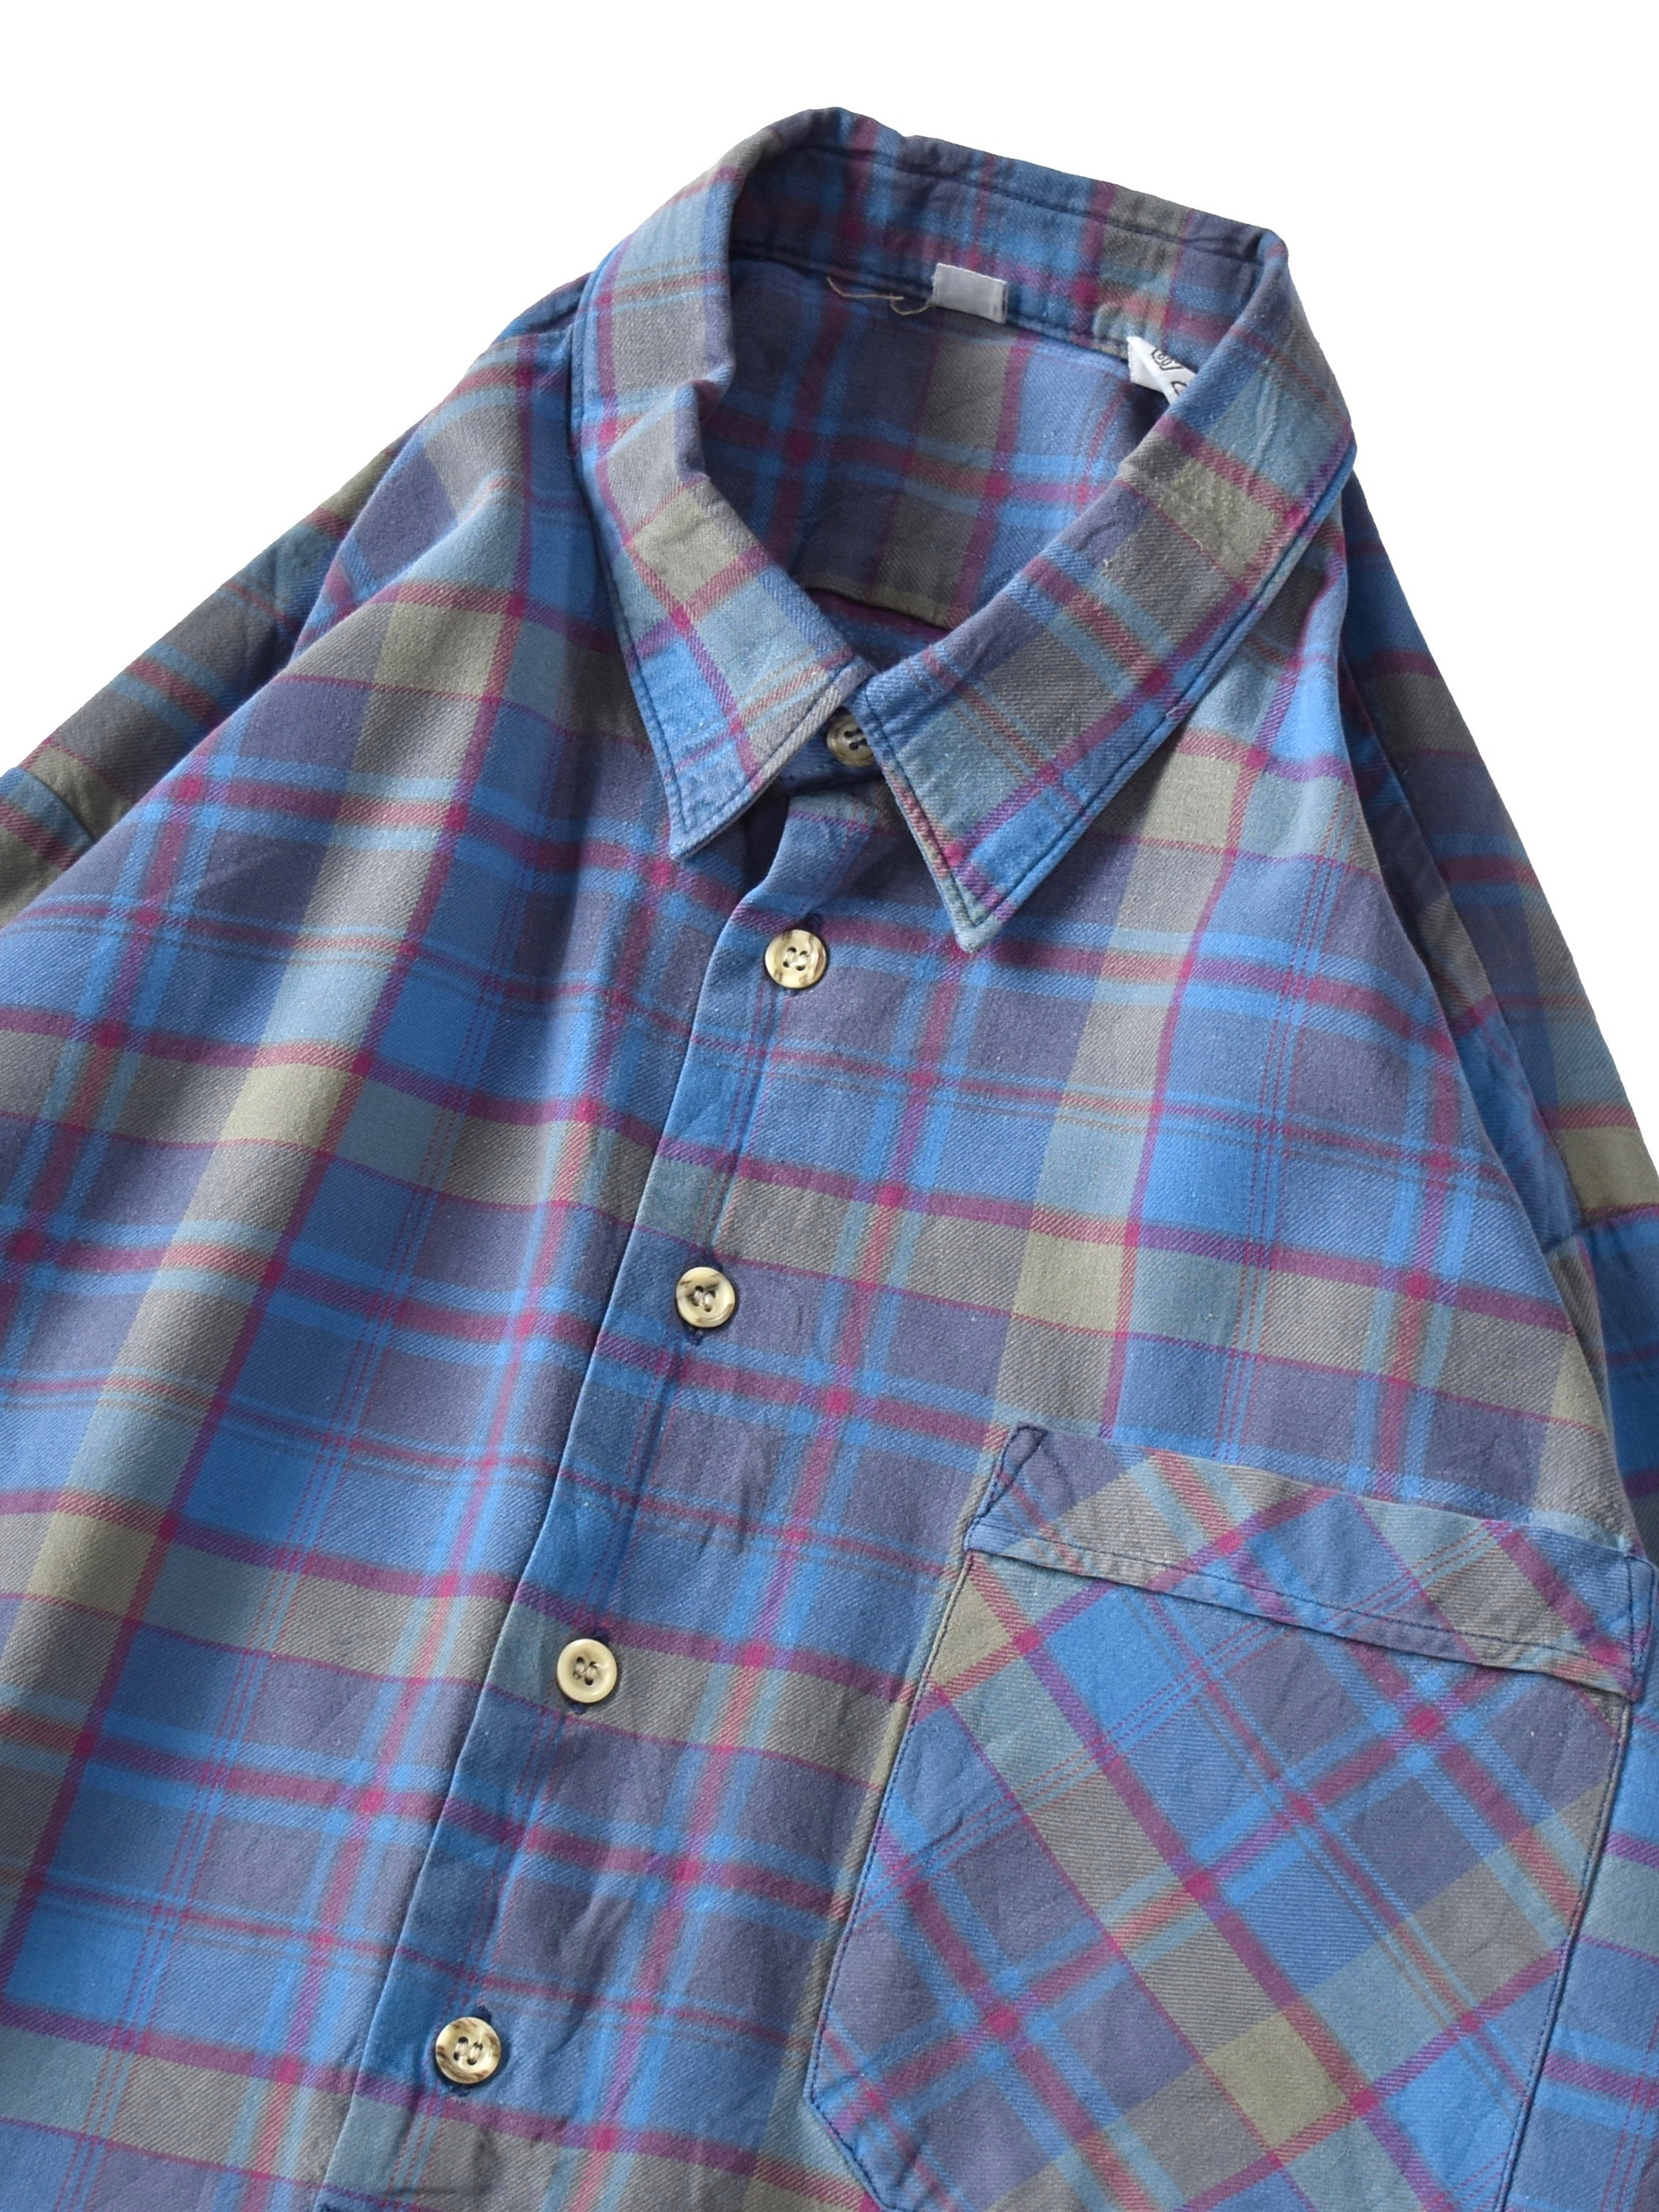 チェック グランパシャツ / check grandpa shirt